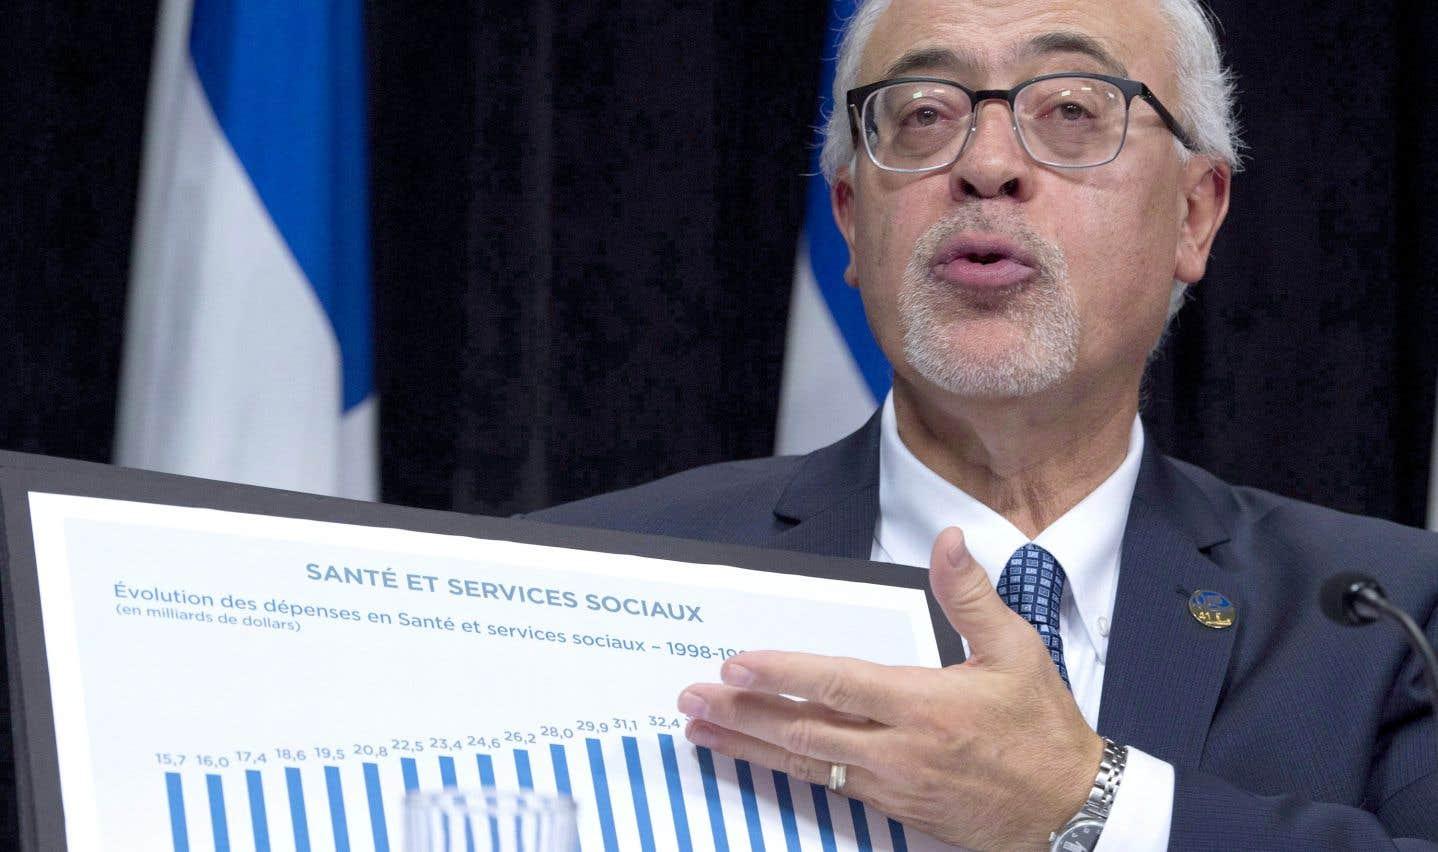 En novembre dernier, le ministre des Finances, Carlos Leitão, annonçait des baisses d'impôt rétroactives après des années de coupes et des compressions qui ont mis à mal les services publics, soulignent les auteurs.